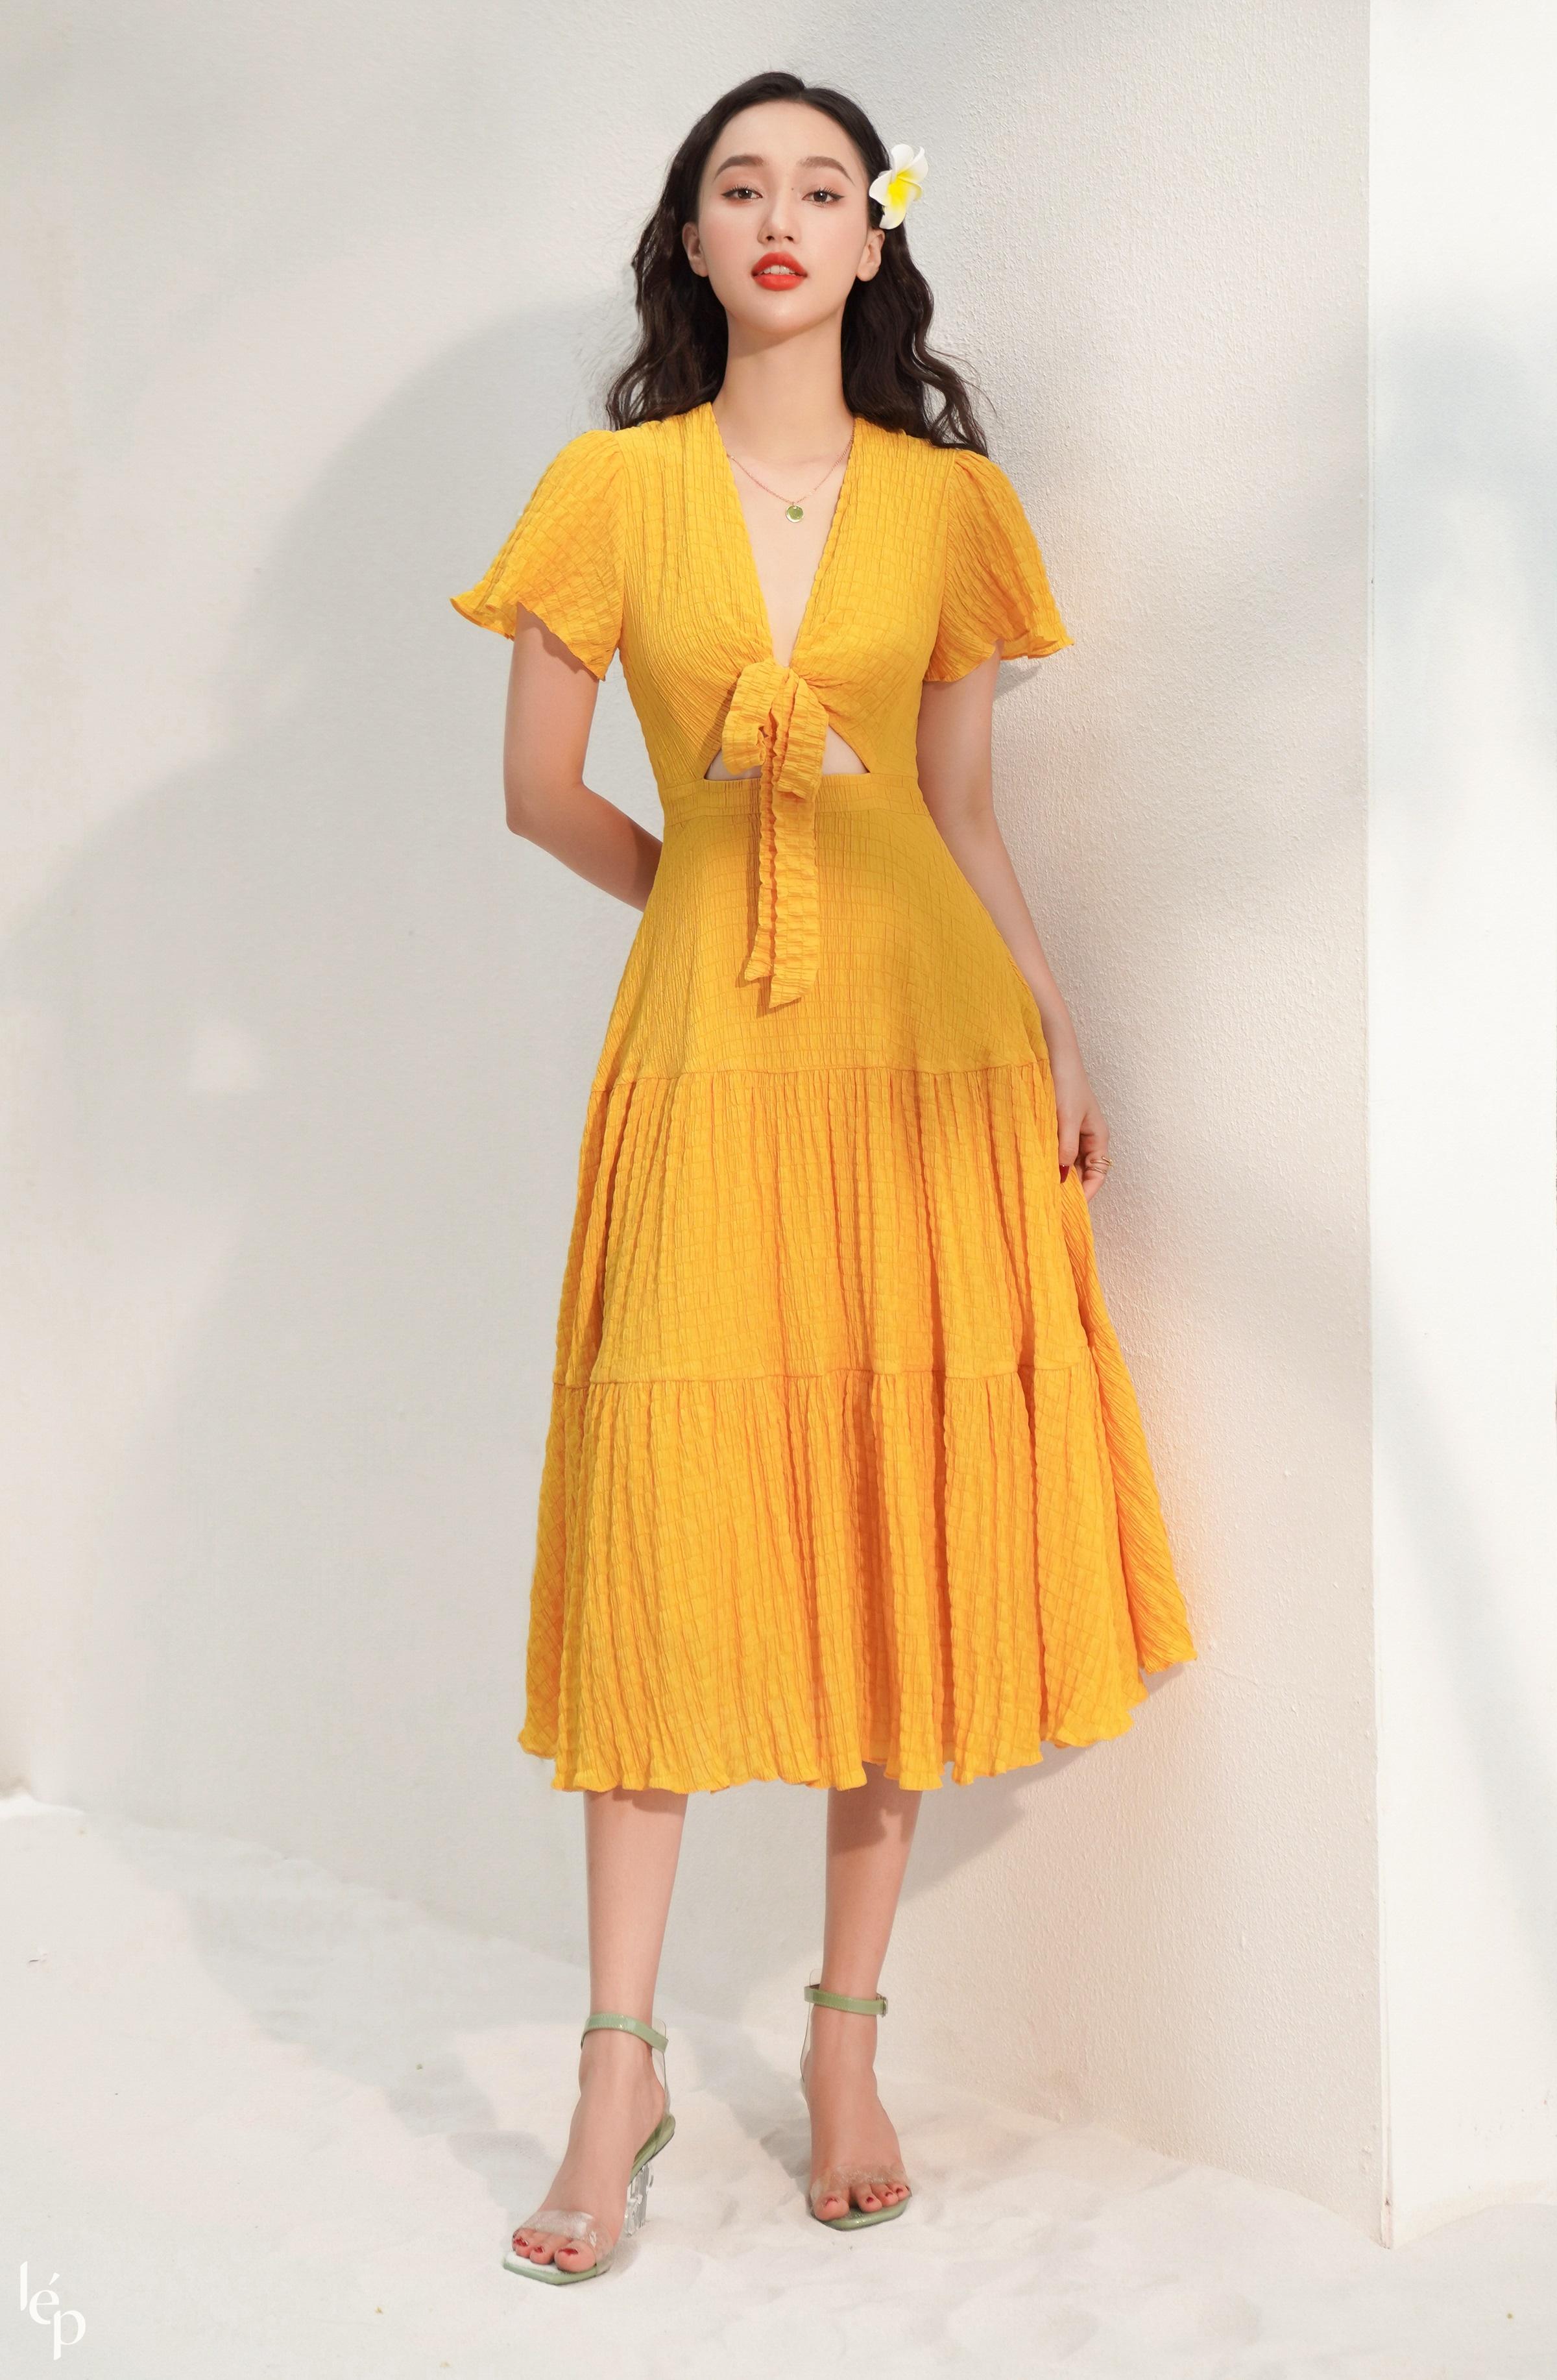 Váy vàng của Lep luôn được các quý cô ưu ái vì trẻ trung, mới mẻ.